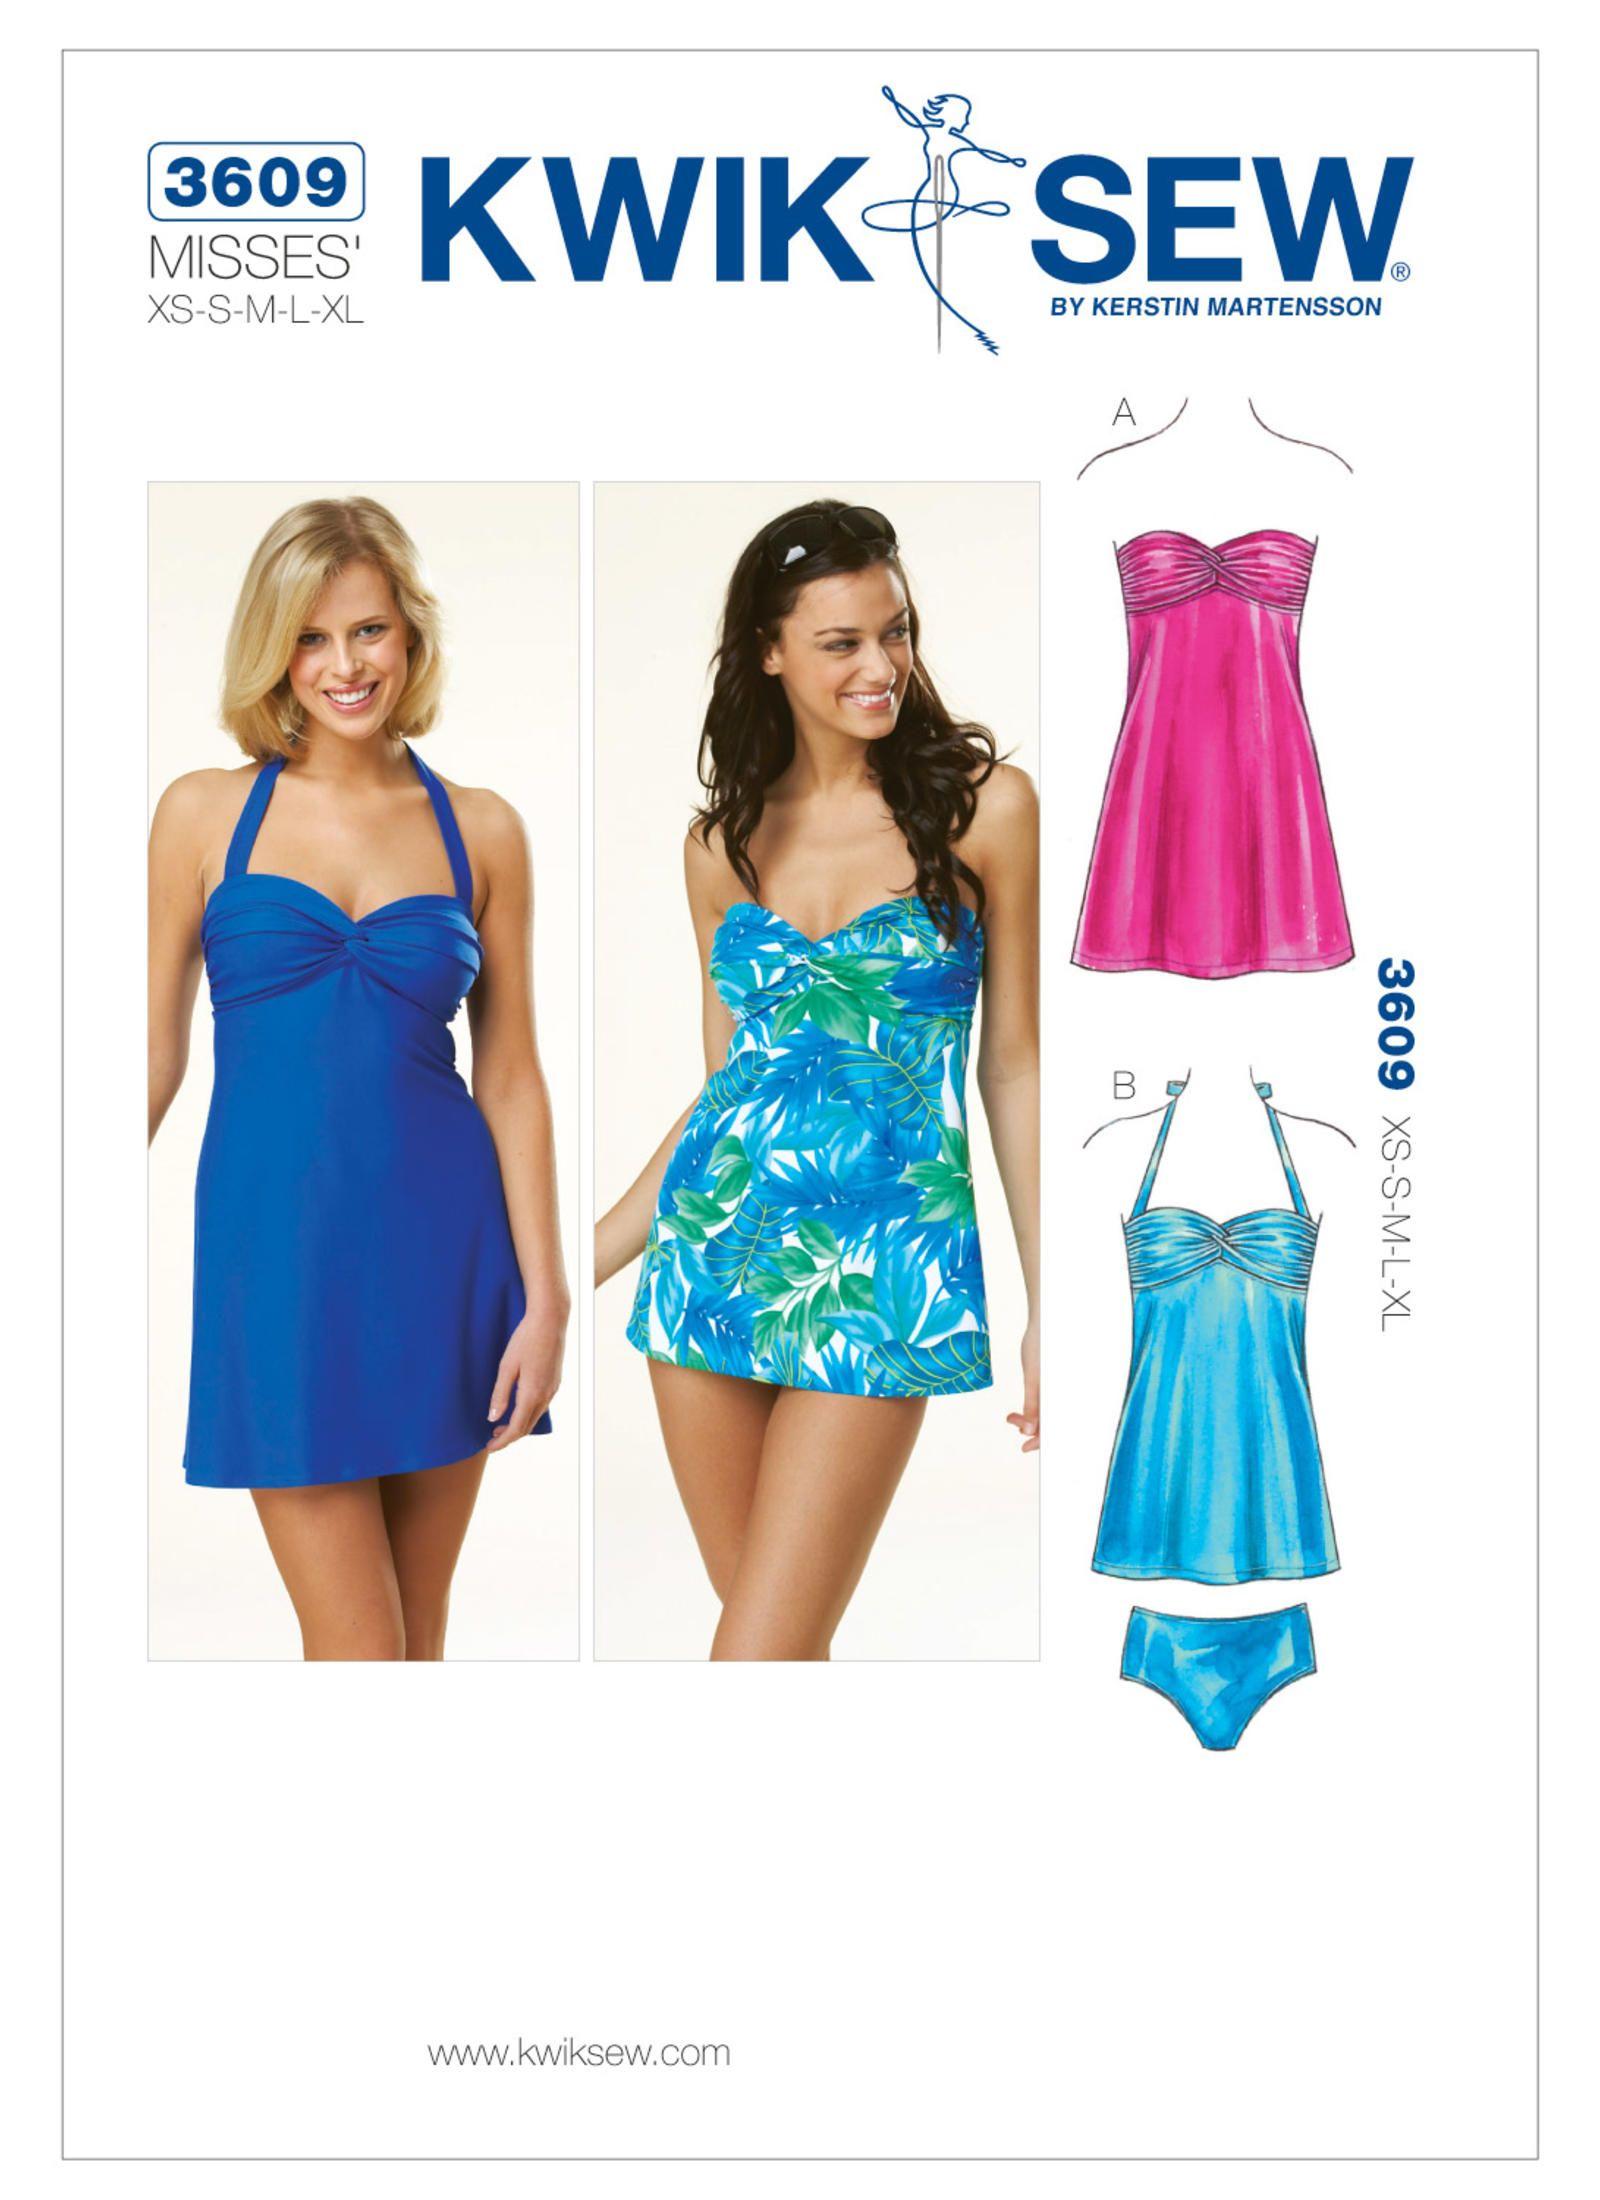 Swimdresstankini swimsuit sewing pattern k3609 kwik sew swimdresstankini swimsuit sewing pattern k3609 kwik sew patterns jeuxipadfo Gallery